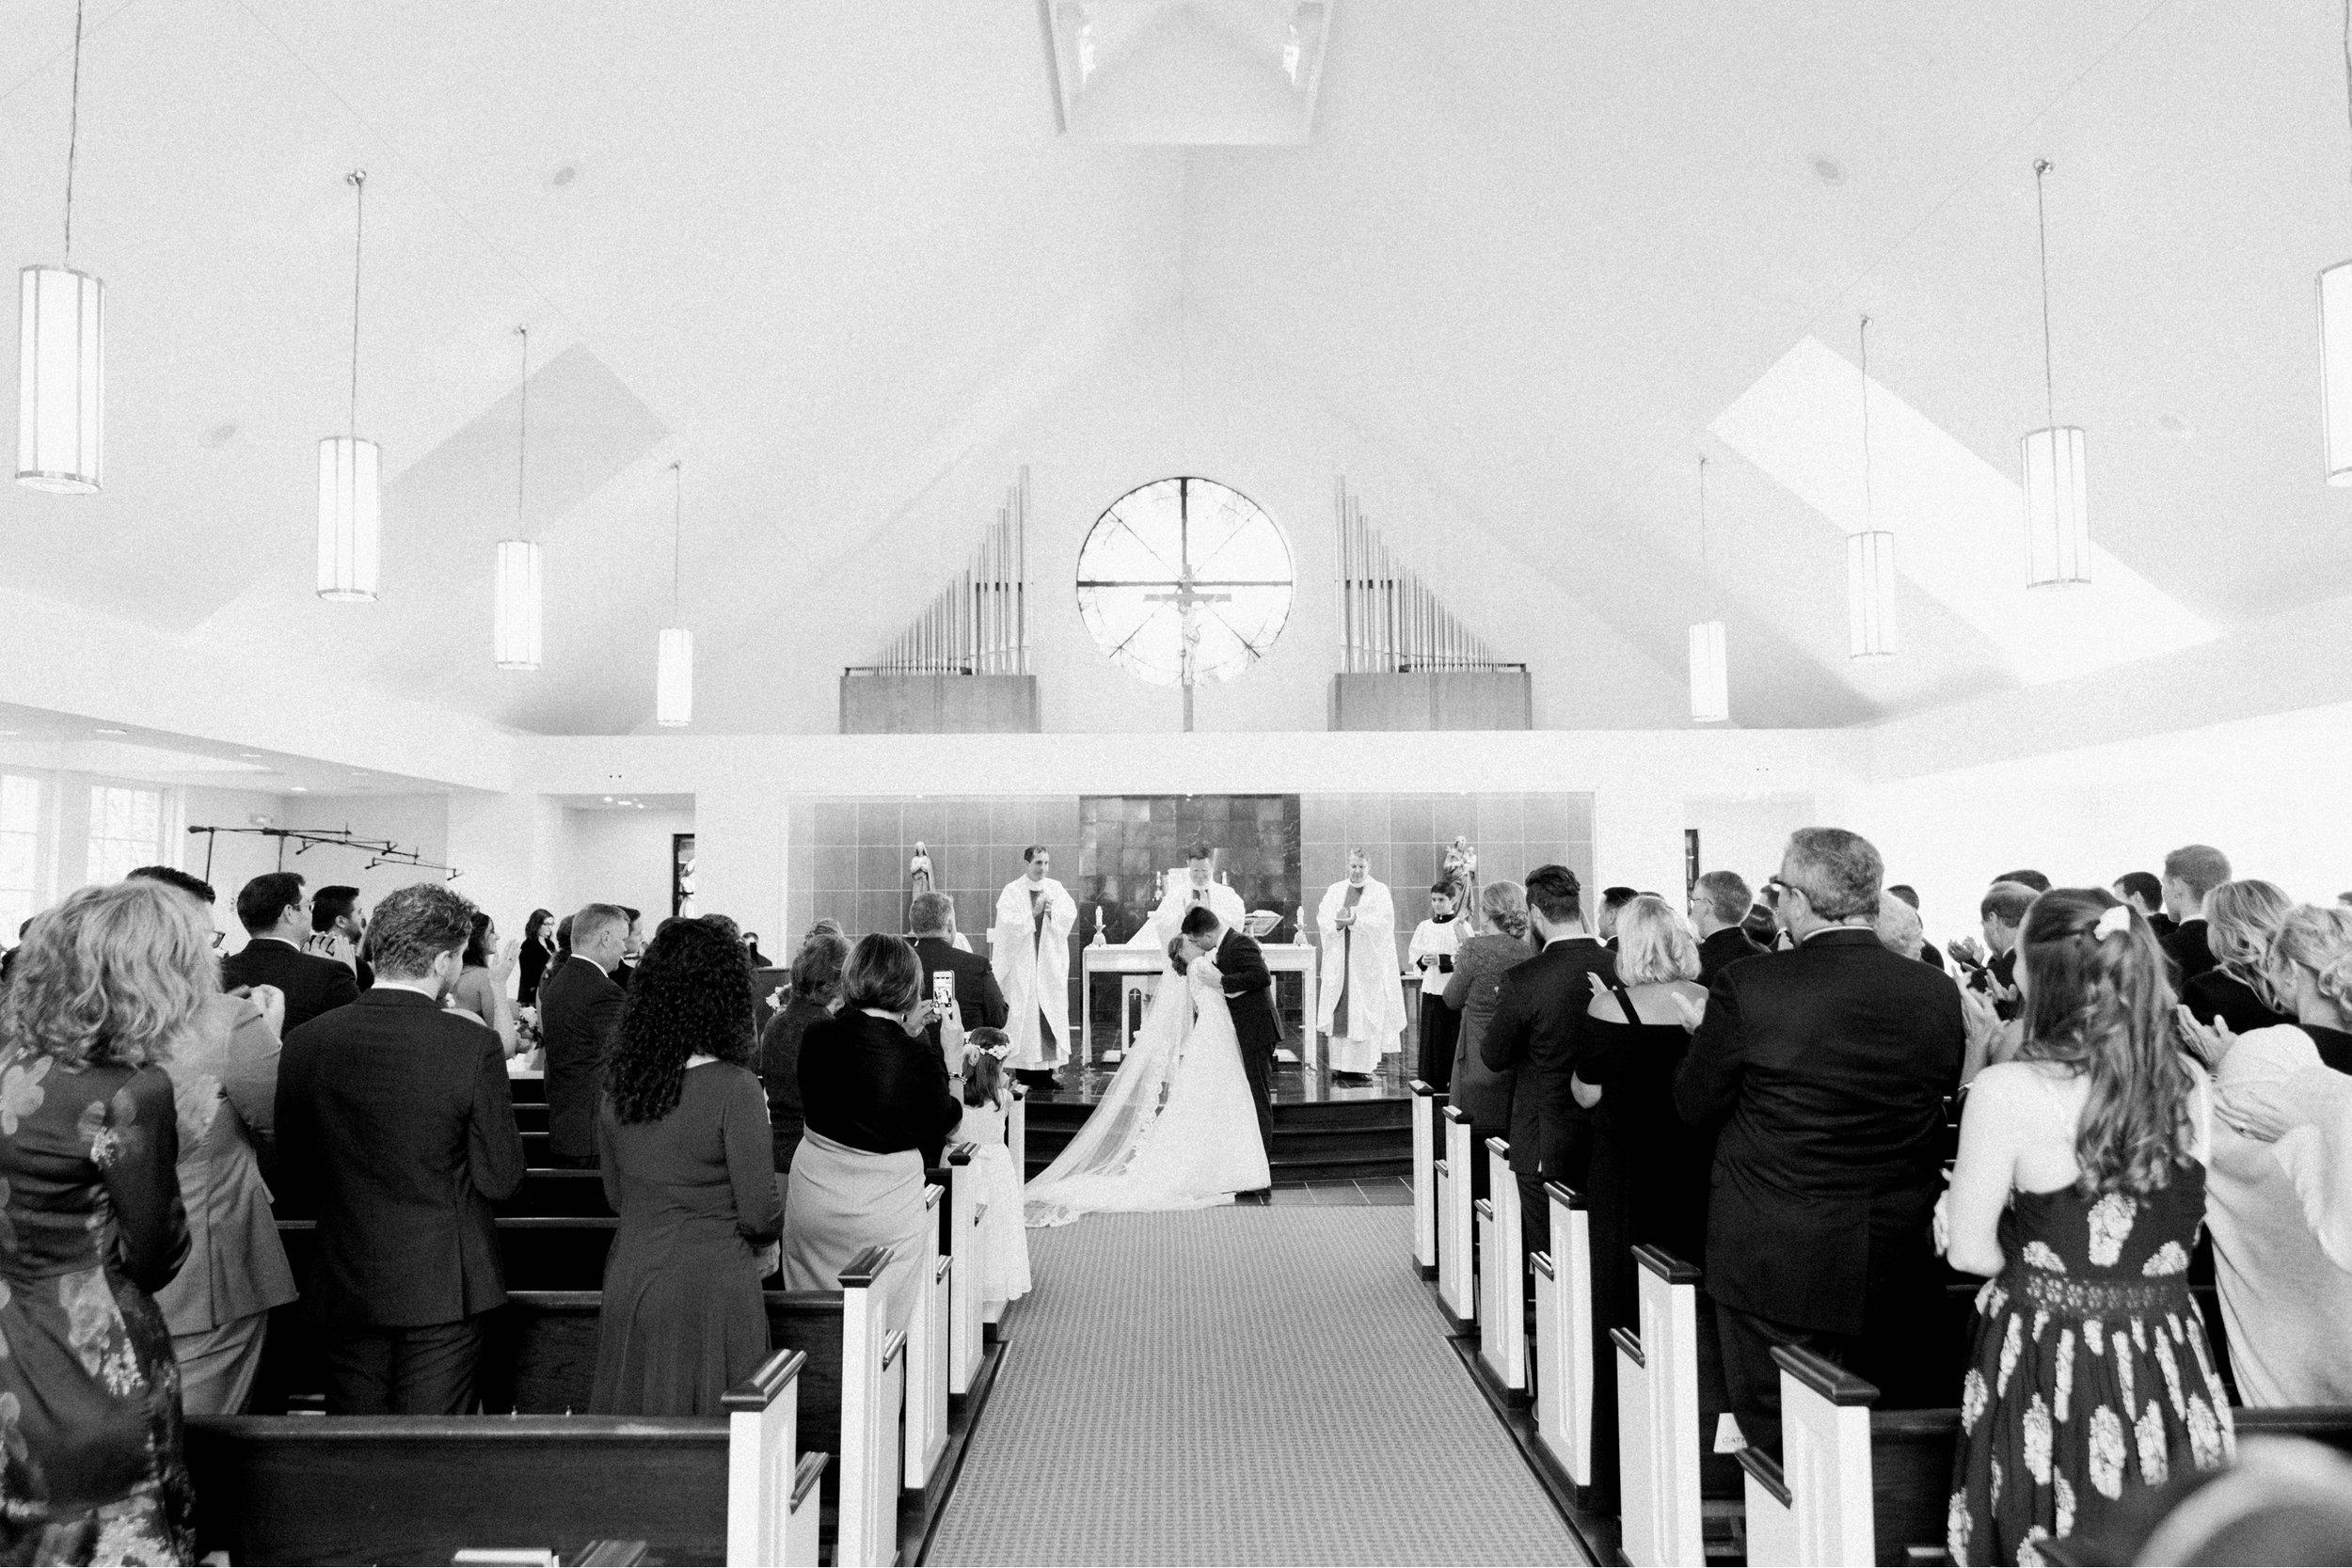 GrantElizabeth_wineryatbullrun_DCwedding_Virginiaweddingphotographer 37.jpg